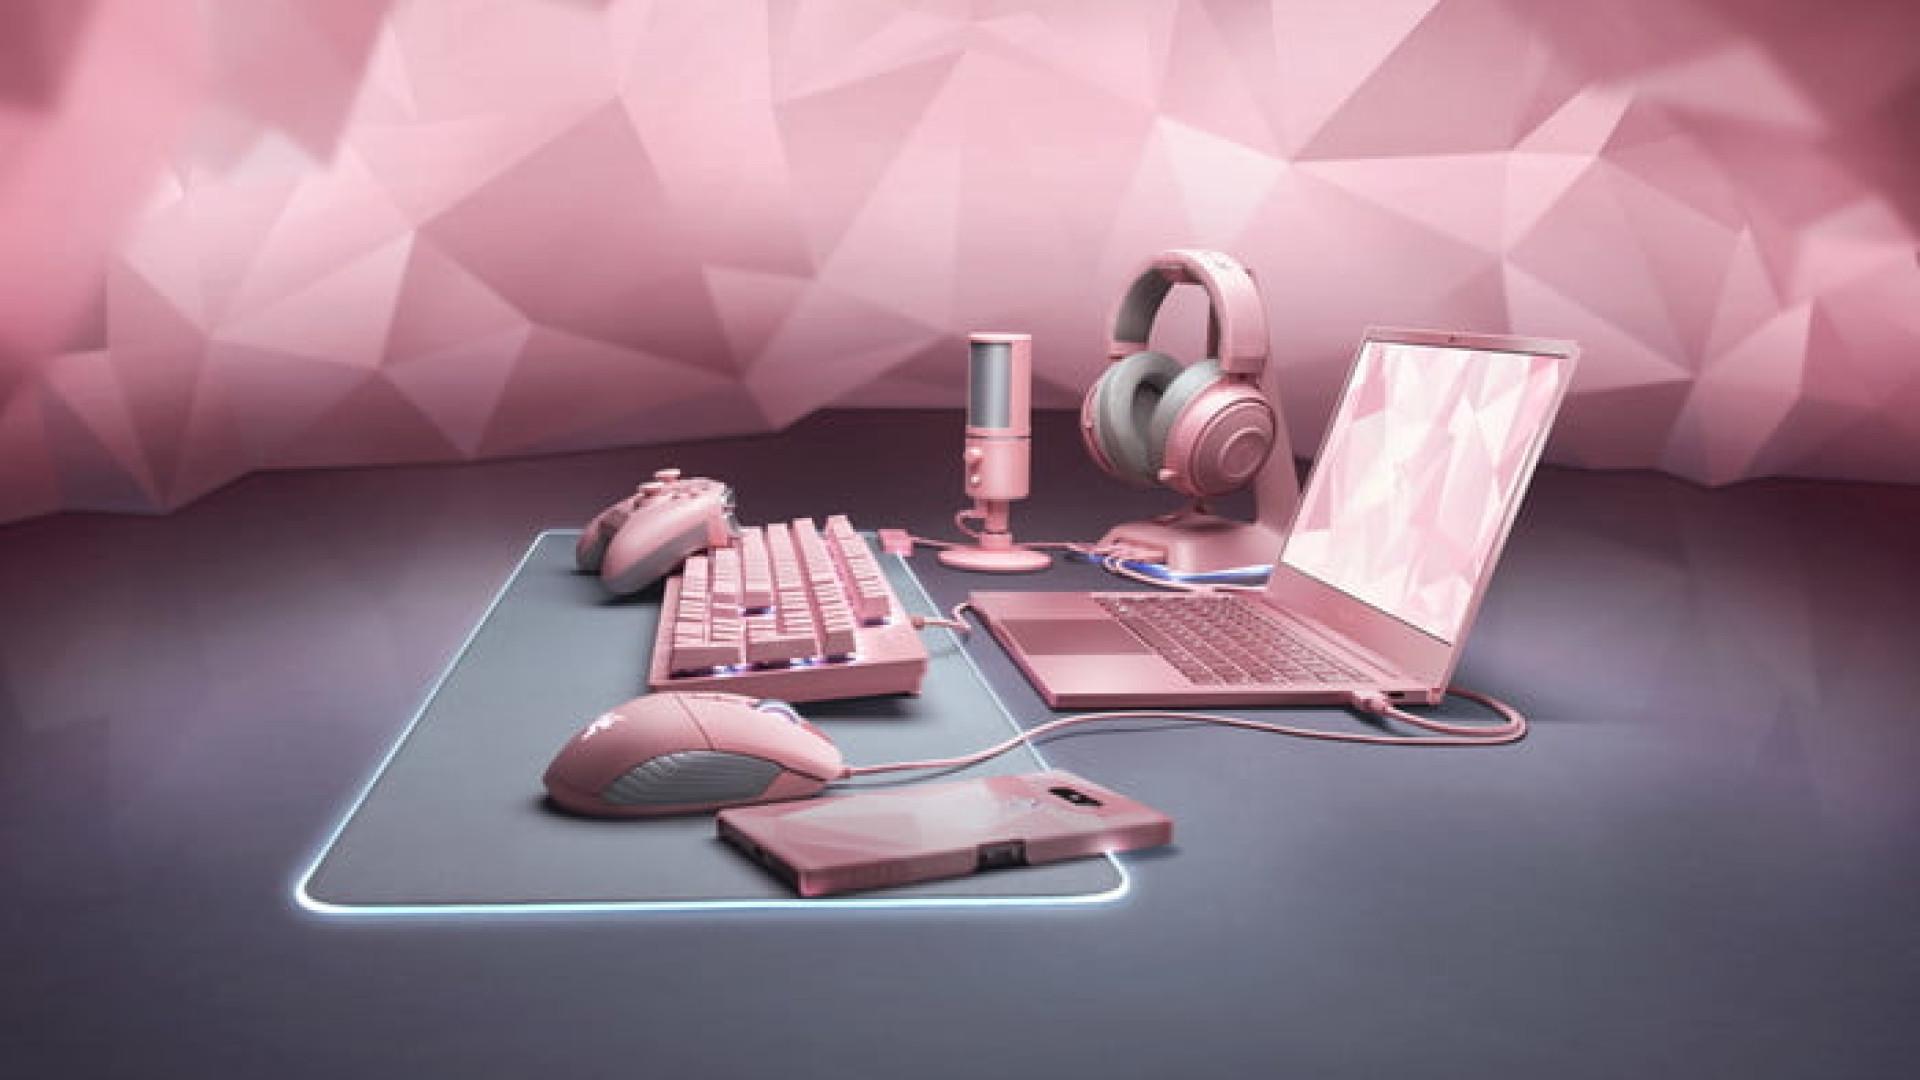 0d5b40e912a Razer desvenda novos produtos pensados para casais de  gamers